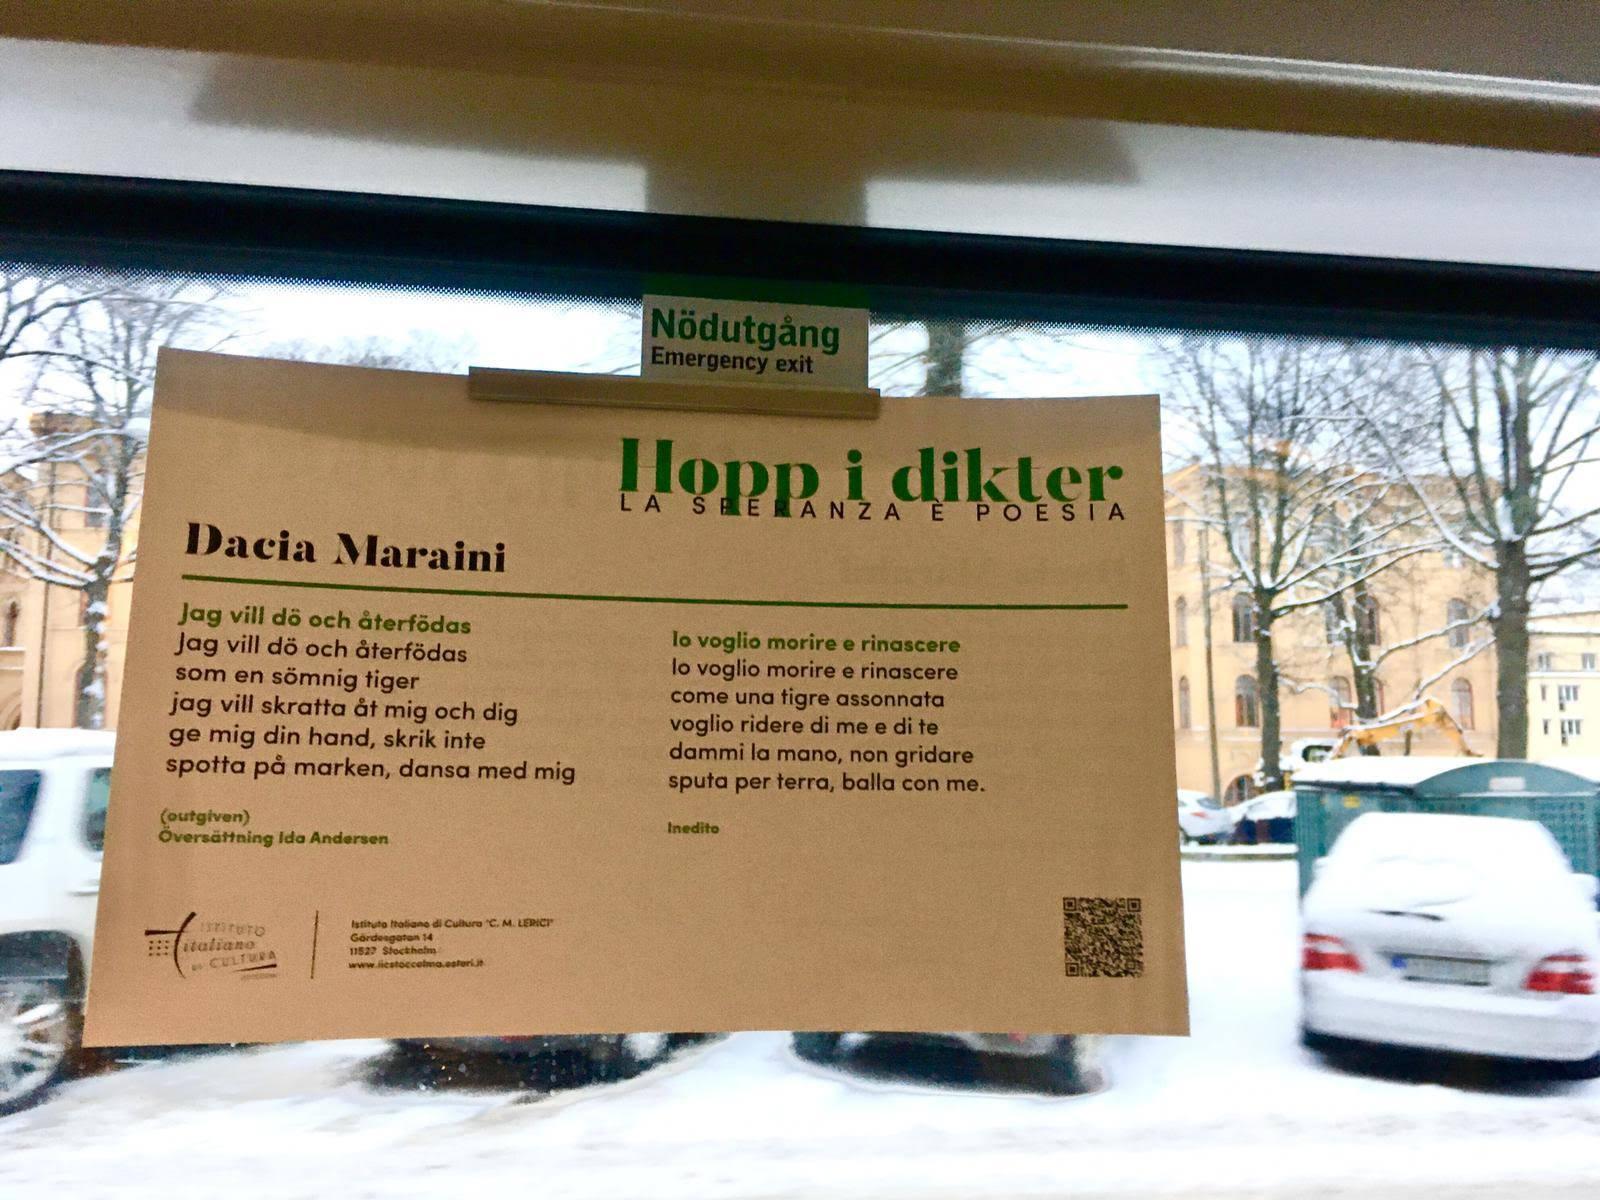 La poesia italiana invade la metropolitana di Stoccolma: versi di Pasolini e altri grandi